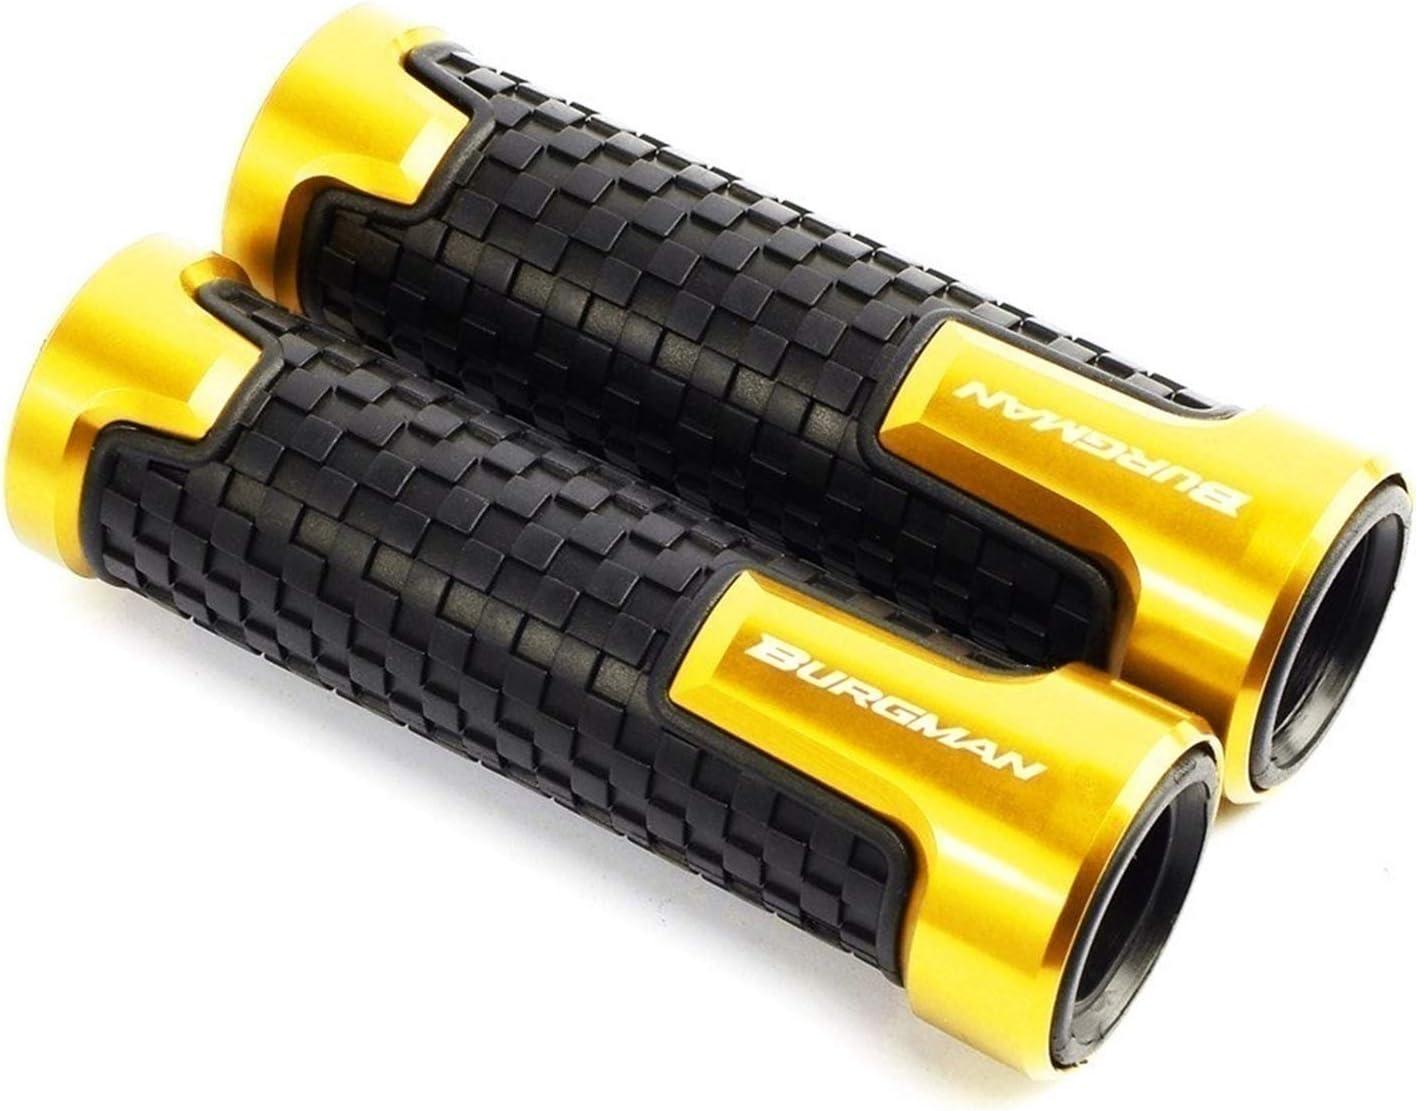 DZSLTC Sale price HandBar Grips 7 8 Inch CNC safety Aluminum Exquisite N Motorbike